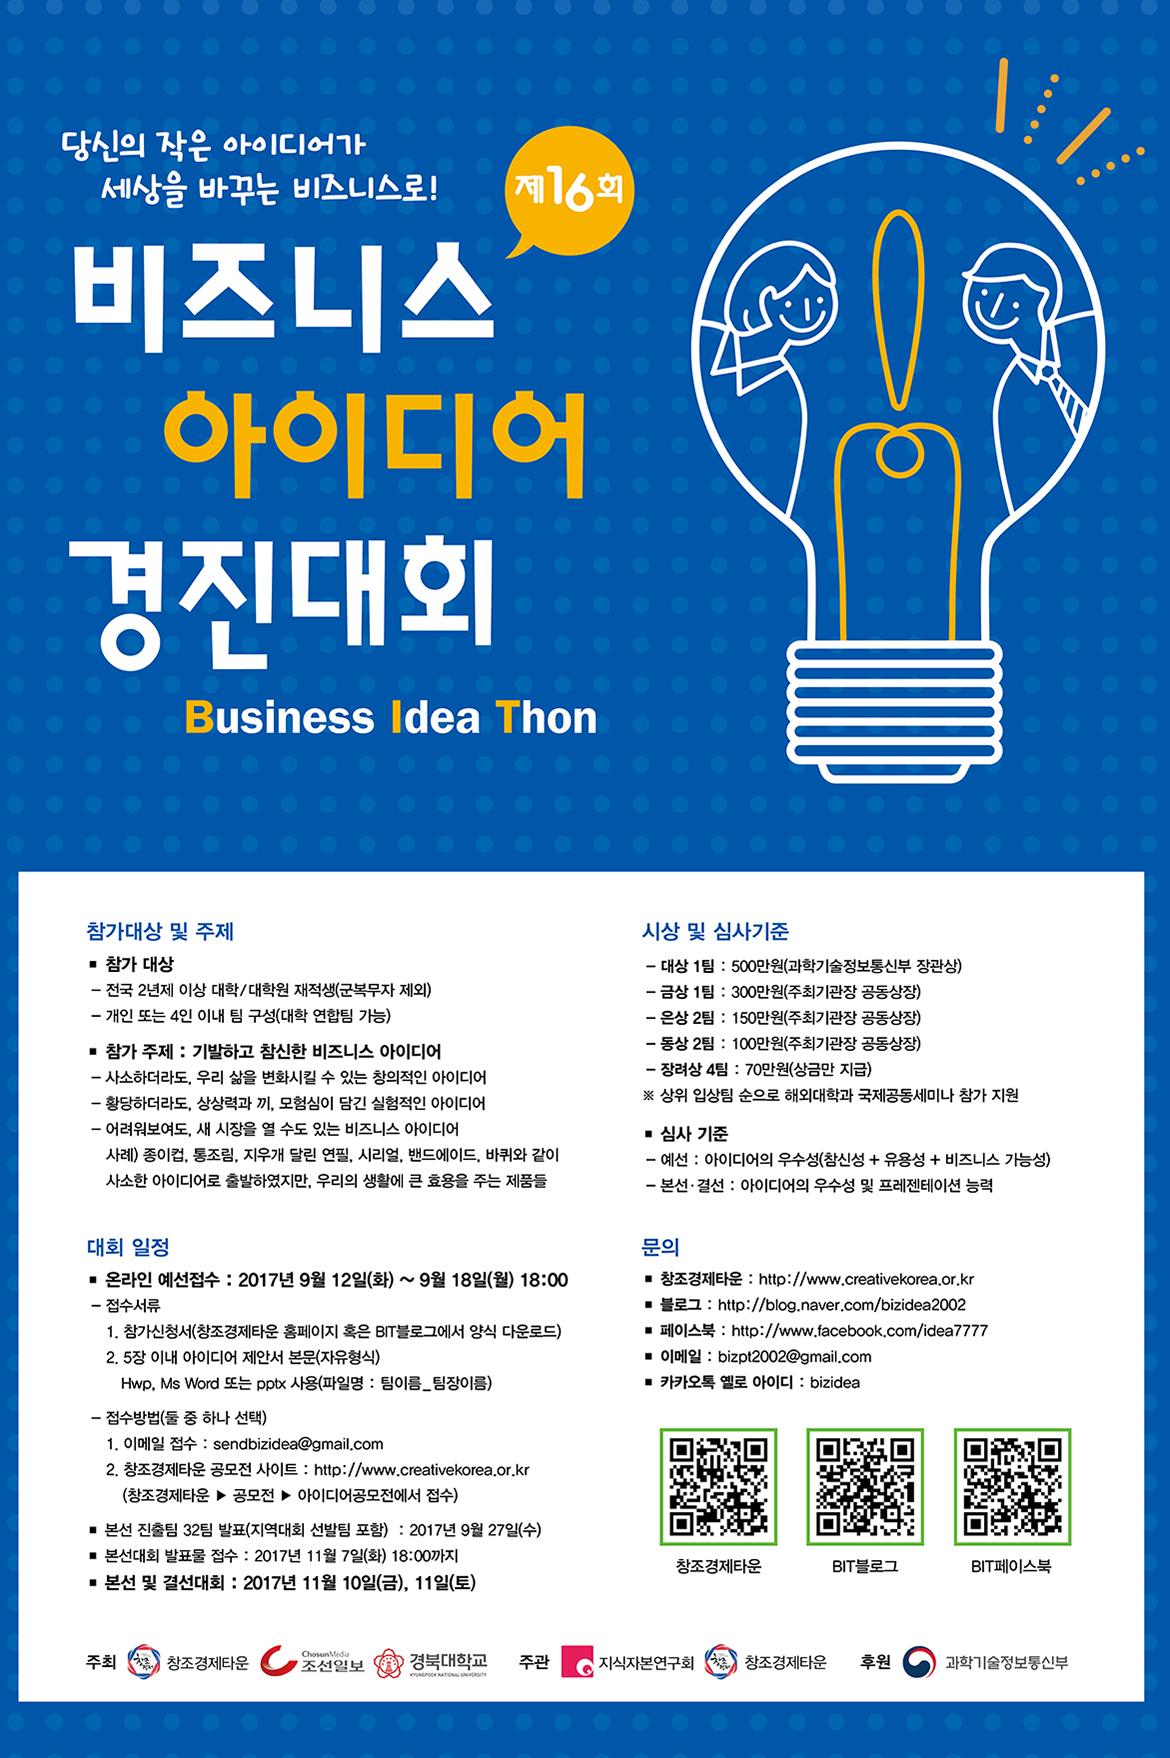 제 16회 비즈니스 아이디어 경진대회(BIT)